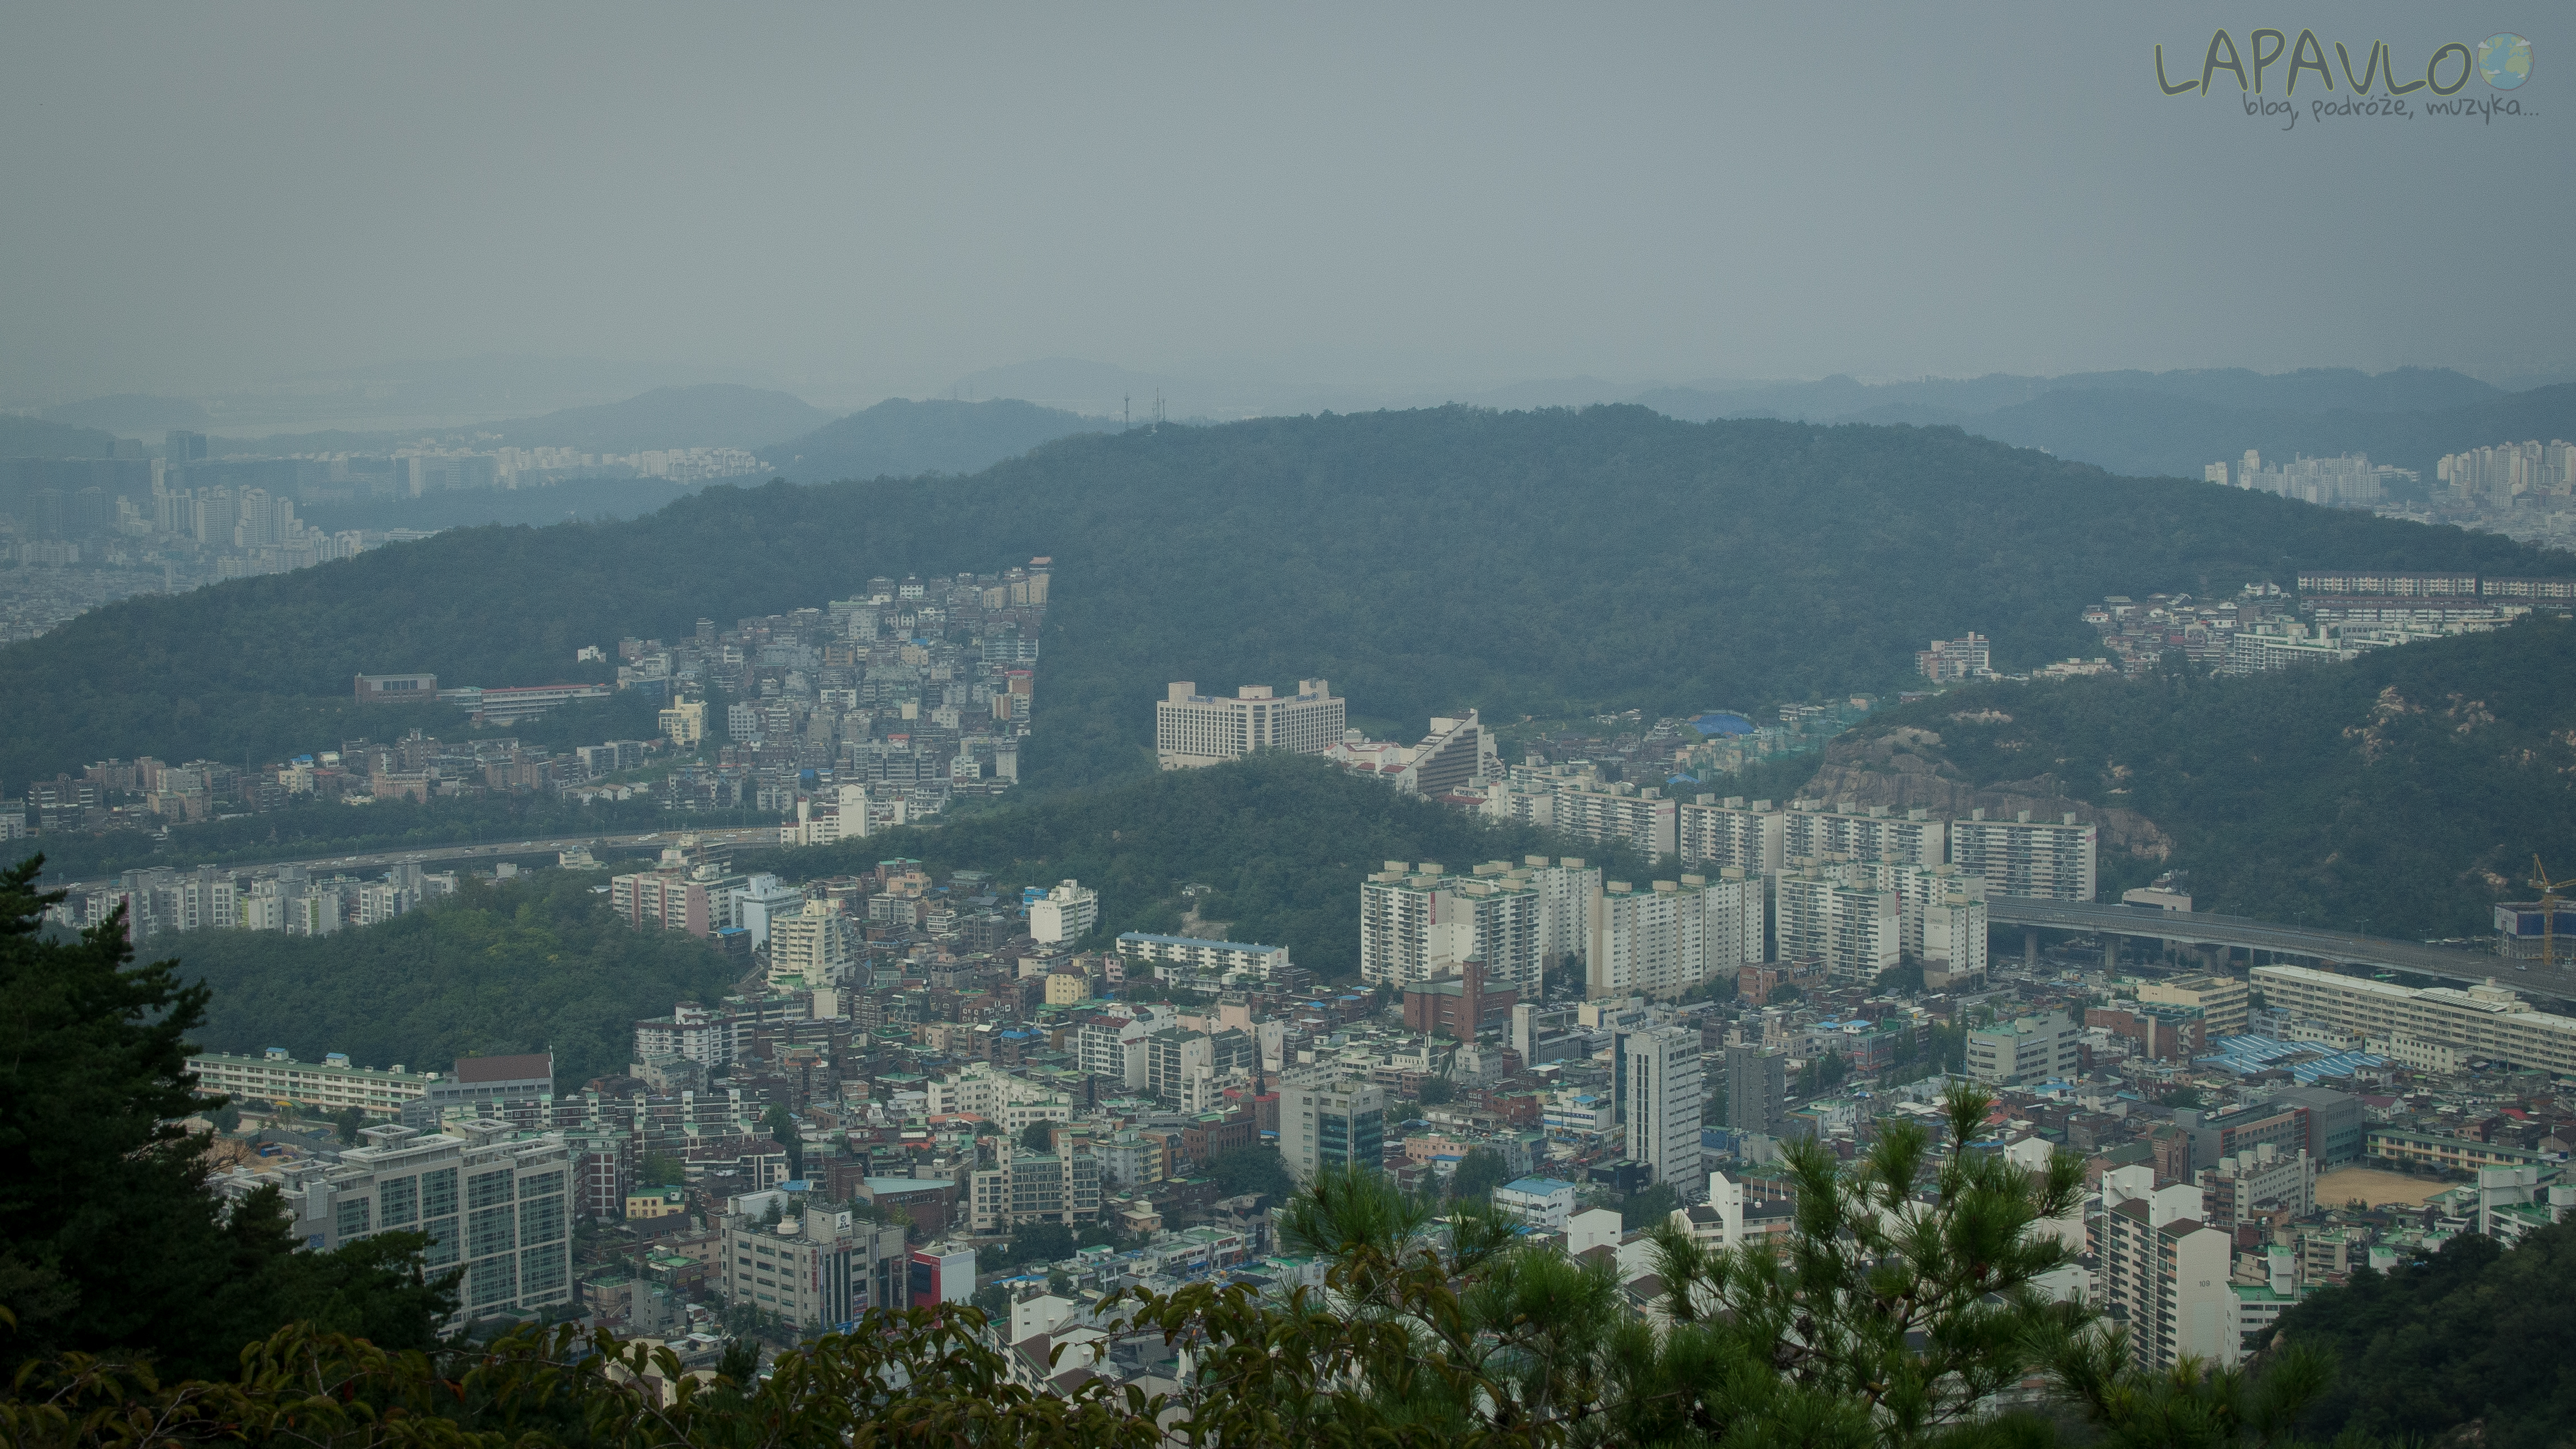 Buhaksan National Park (Seul)